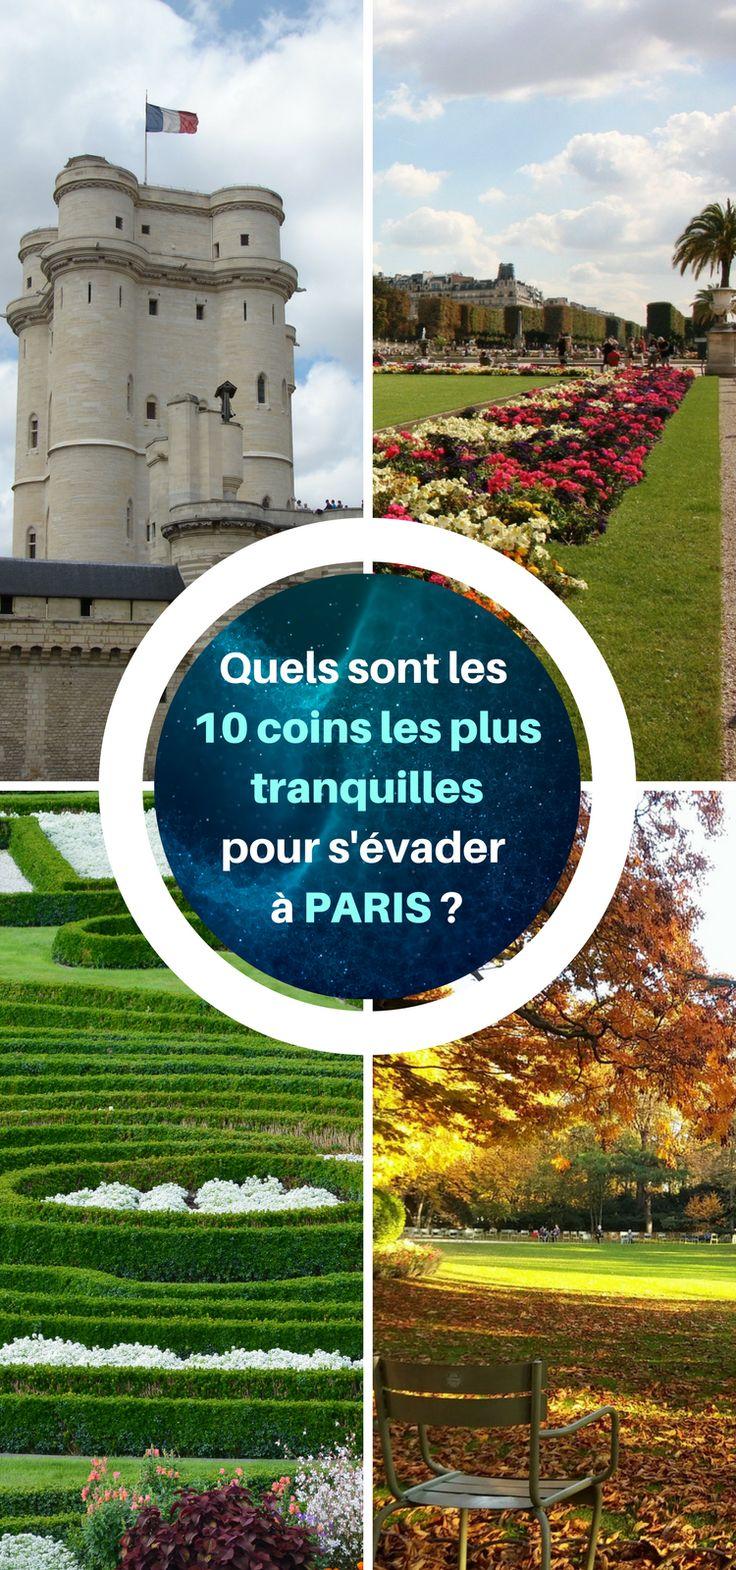 10 coins tranquillles à découvrir à Paris. Quels sont les endroits les plus reposants ? #Paris #Visite #Balade #Jardins